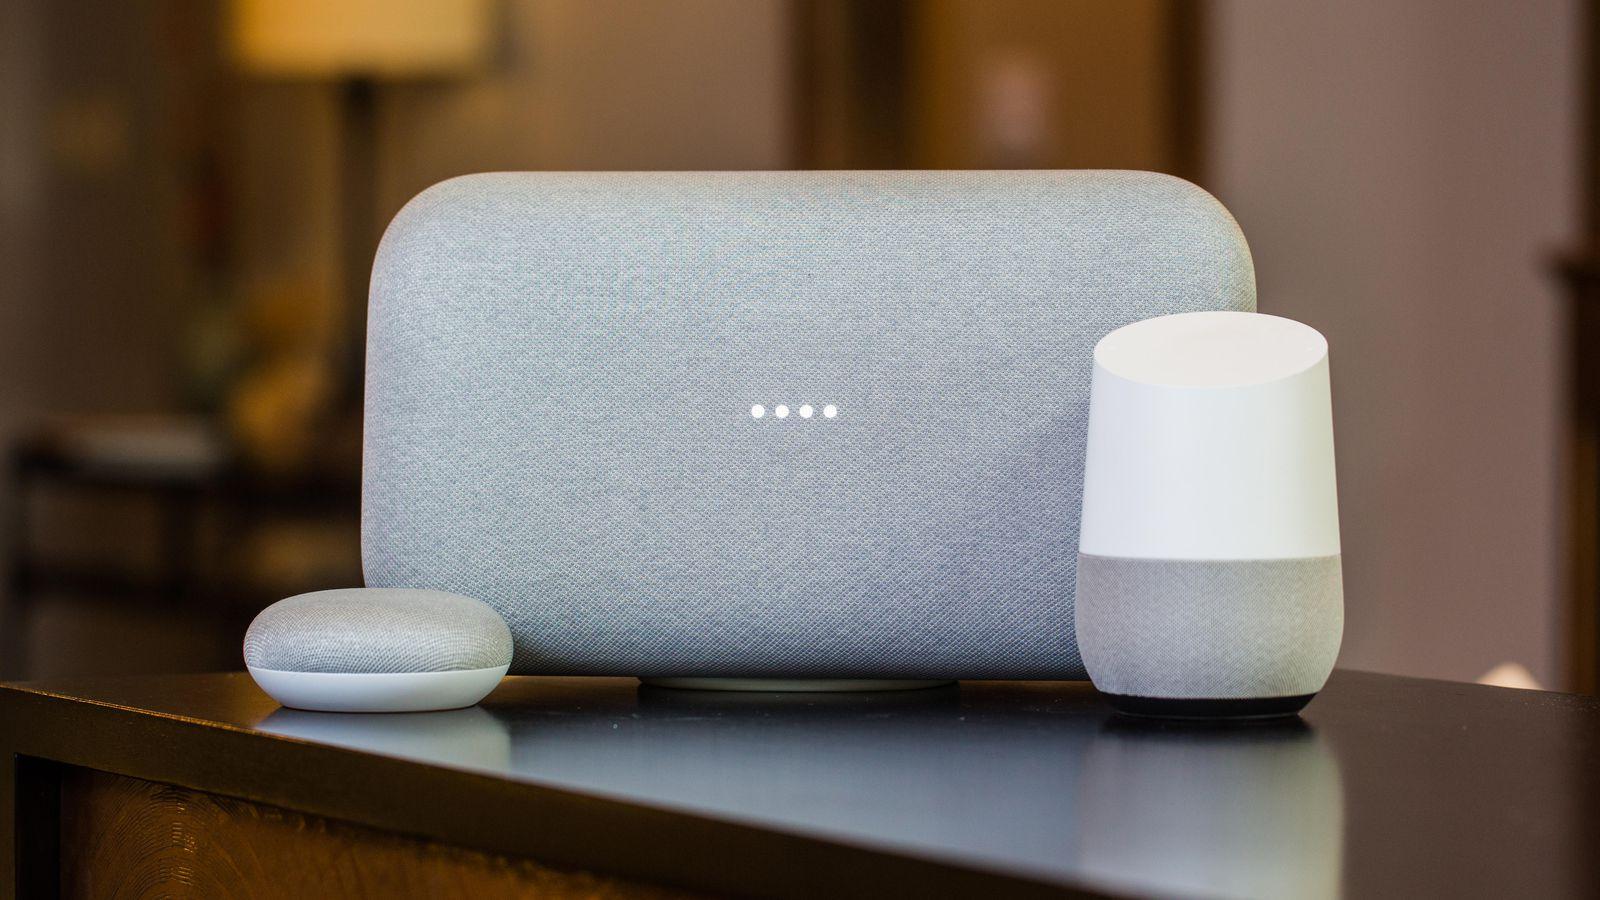 Googe Home slimme speakers